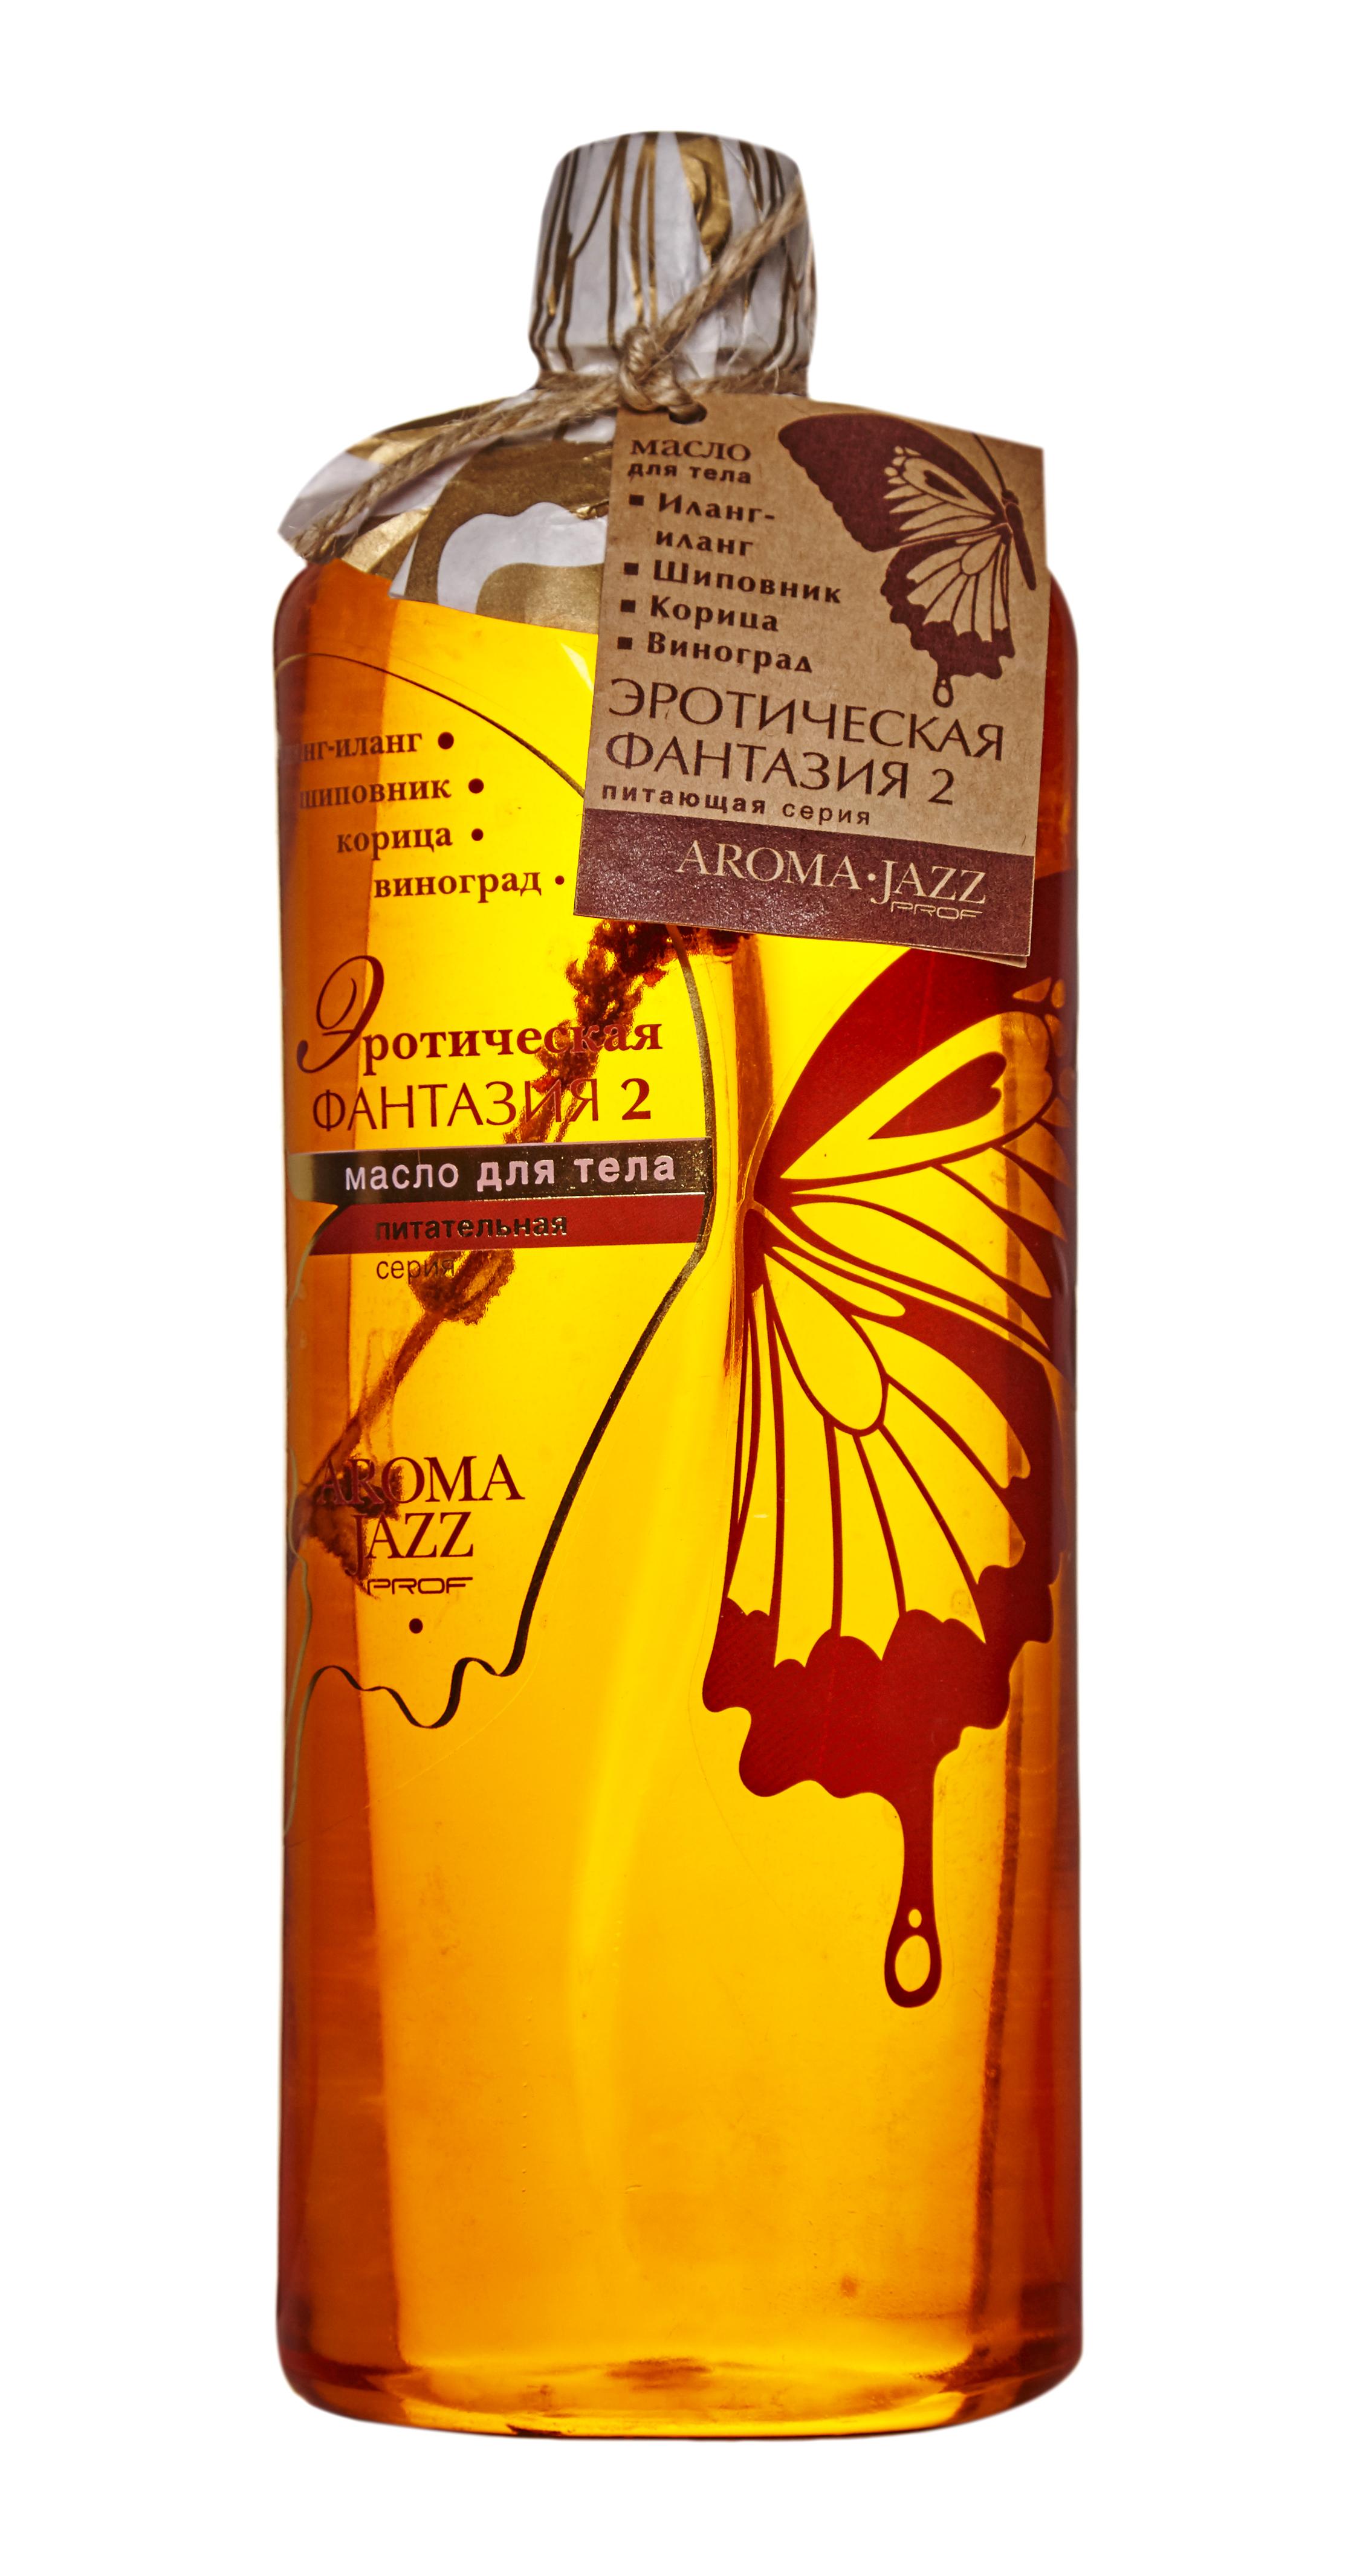 AROMA JAZZ Масло массажное жидкое для тела Романтическая фантазия для двоих 1000млМасла<br>Стимулирует кровообращение, питает и тонизирует кожу, способствует устранению акне. Масло обладает мощным иммуномодулирующим и антимикробным действием (в том числе против стрептококков и стафилококков). Показано к применению как для сухой, так и для жирной кожи. Имбирь восстанавливает энергетический баланс кожи, производит моментальный подтягивающий эффект. Афродизиак оказывает стимулирующее эротическое воздействие, усиливая половое влечение. Цветочный аромат гонит прочь сомнения и беспокойство, создает легкое эротическое настроение. Так пахнет влюбленность. Так благоухает воспоминание о первом поцелуе. Притягательная чувственность окрыляет, раскрепощает воображение и эмоции. Активные ингредиенты: масла пальмы, кокоса, оливы, сои, растительное с витамином Е; эфирные масла иланг-иланга, мандарина, ванили, корицы, имбиря и белого коньяка; экстракты горчицы, имбиря, красного перца, корицы и сладкого апельсина. Способ применения: рекомендовано для проведения классического и баночного массажа, втирания после душа, горячих ванн и SPA-процедур в салоне и дома. Рекомендуется использовать одноразовое белье.<br><br>Объем: 1000<br>Типы кожи: Жирная